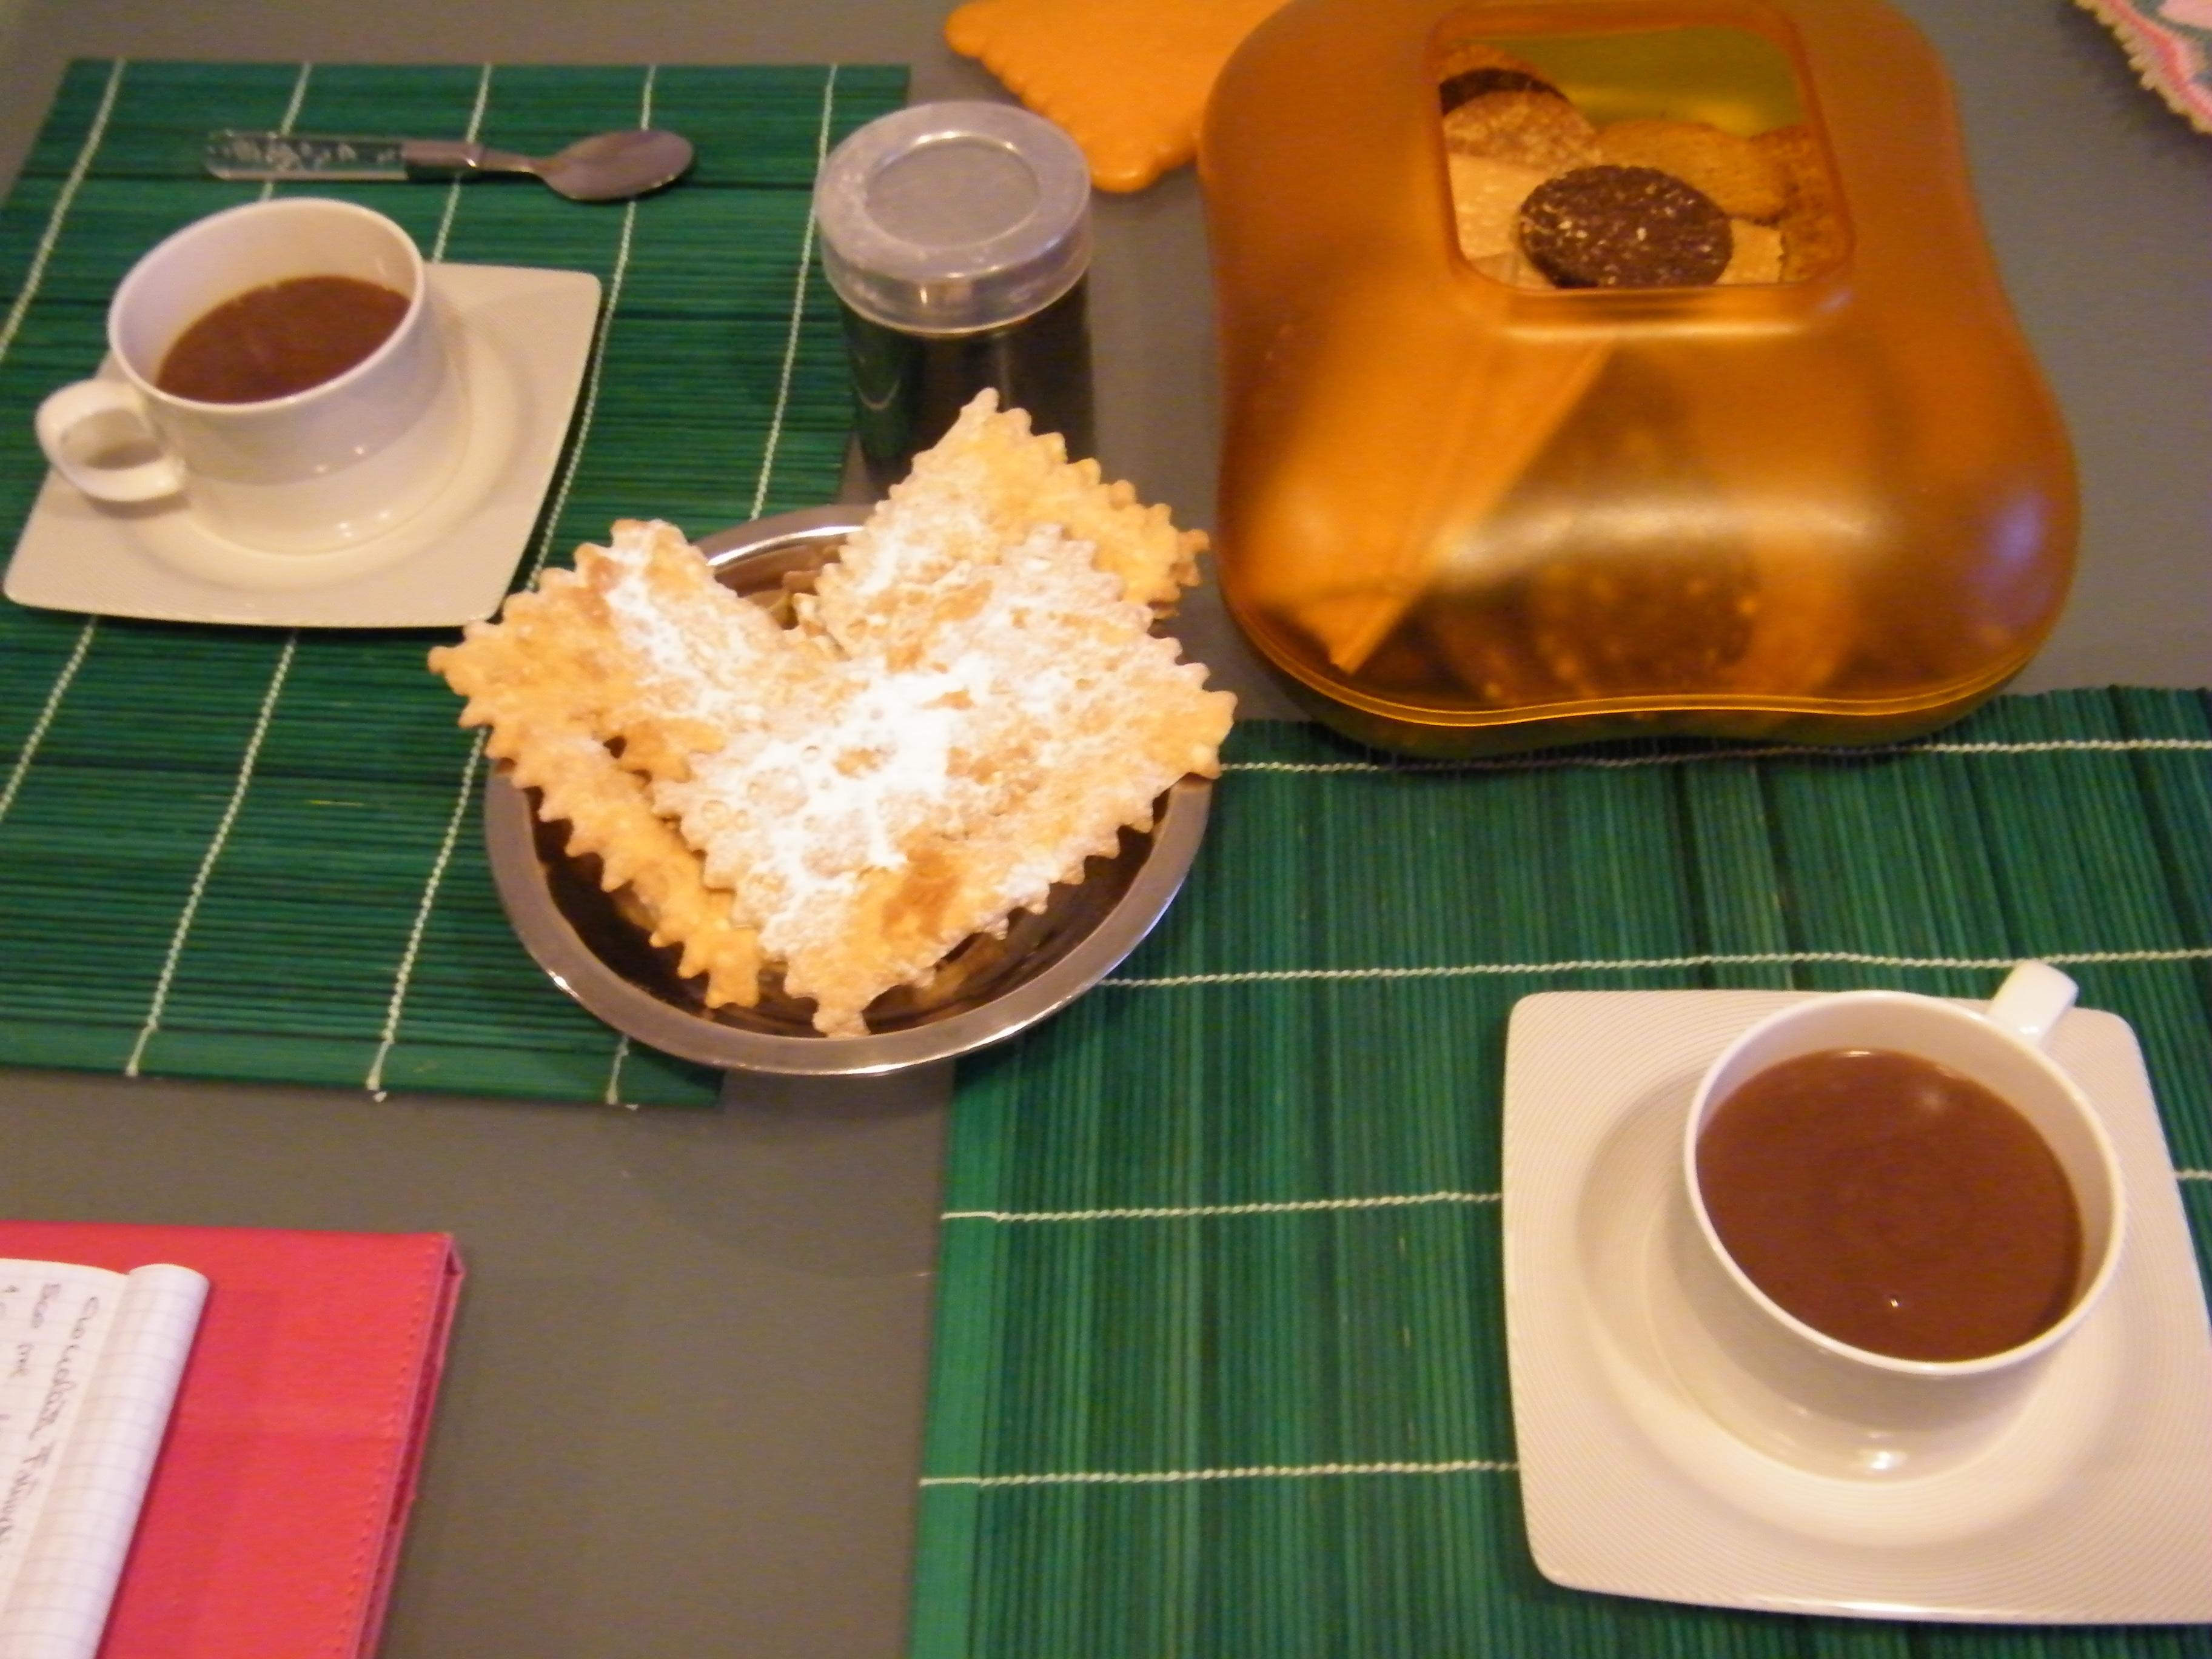 cioccolata al peperoncino in tavola